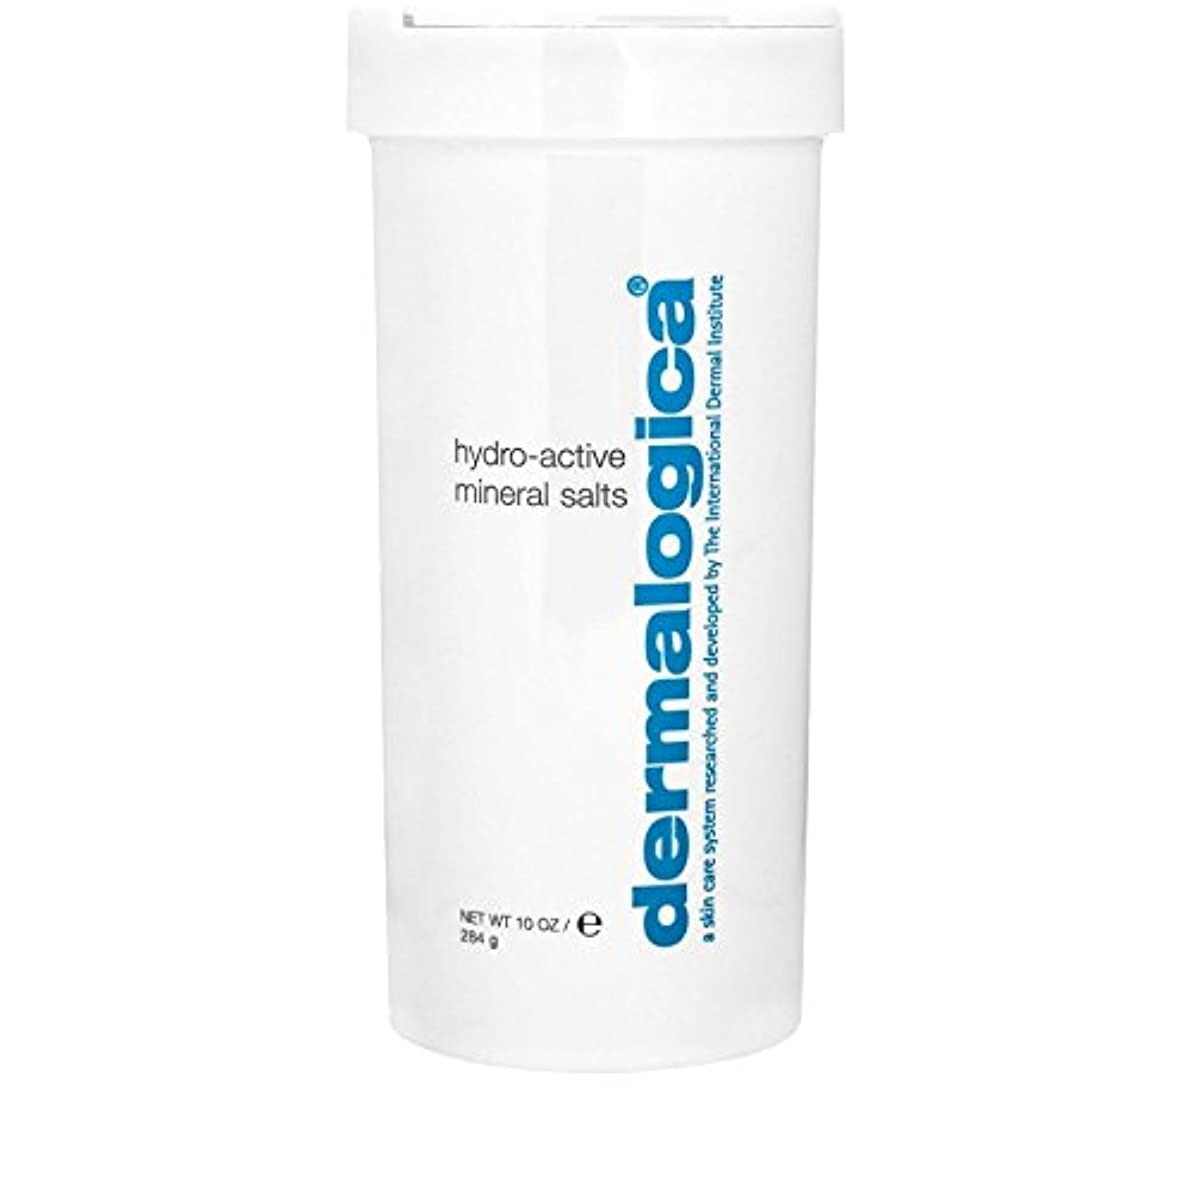 激しい名前を作る悪用ダーマロジカ水力アクティブミネラル塩284グラム x2 - Dermalogica Hydro Active Mineral Salt 284g (Pack of 2) [並行輸入品]